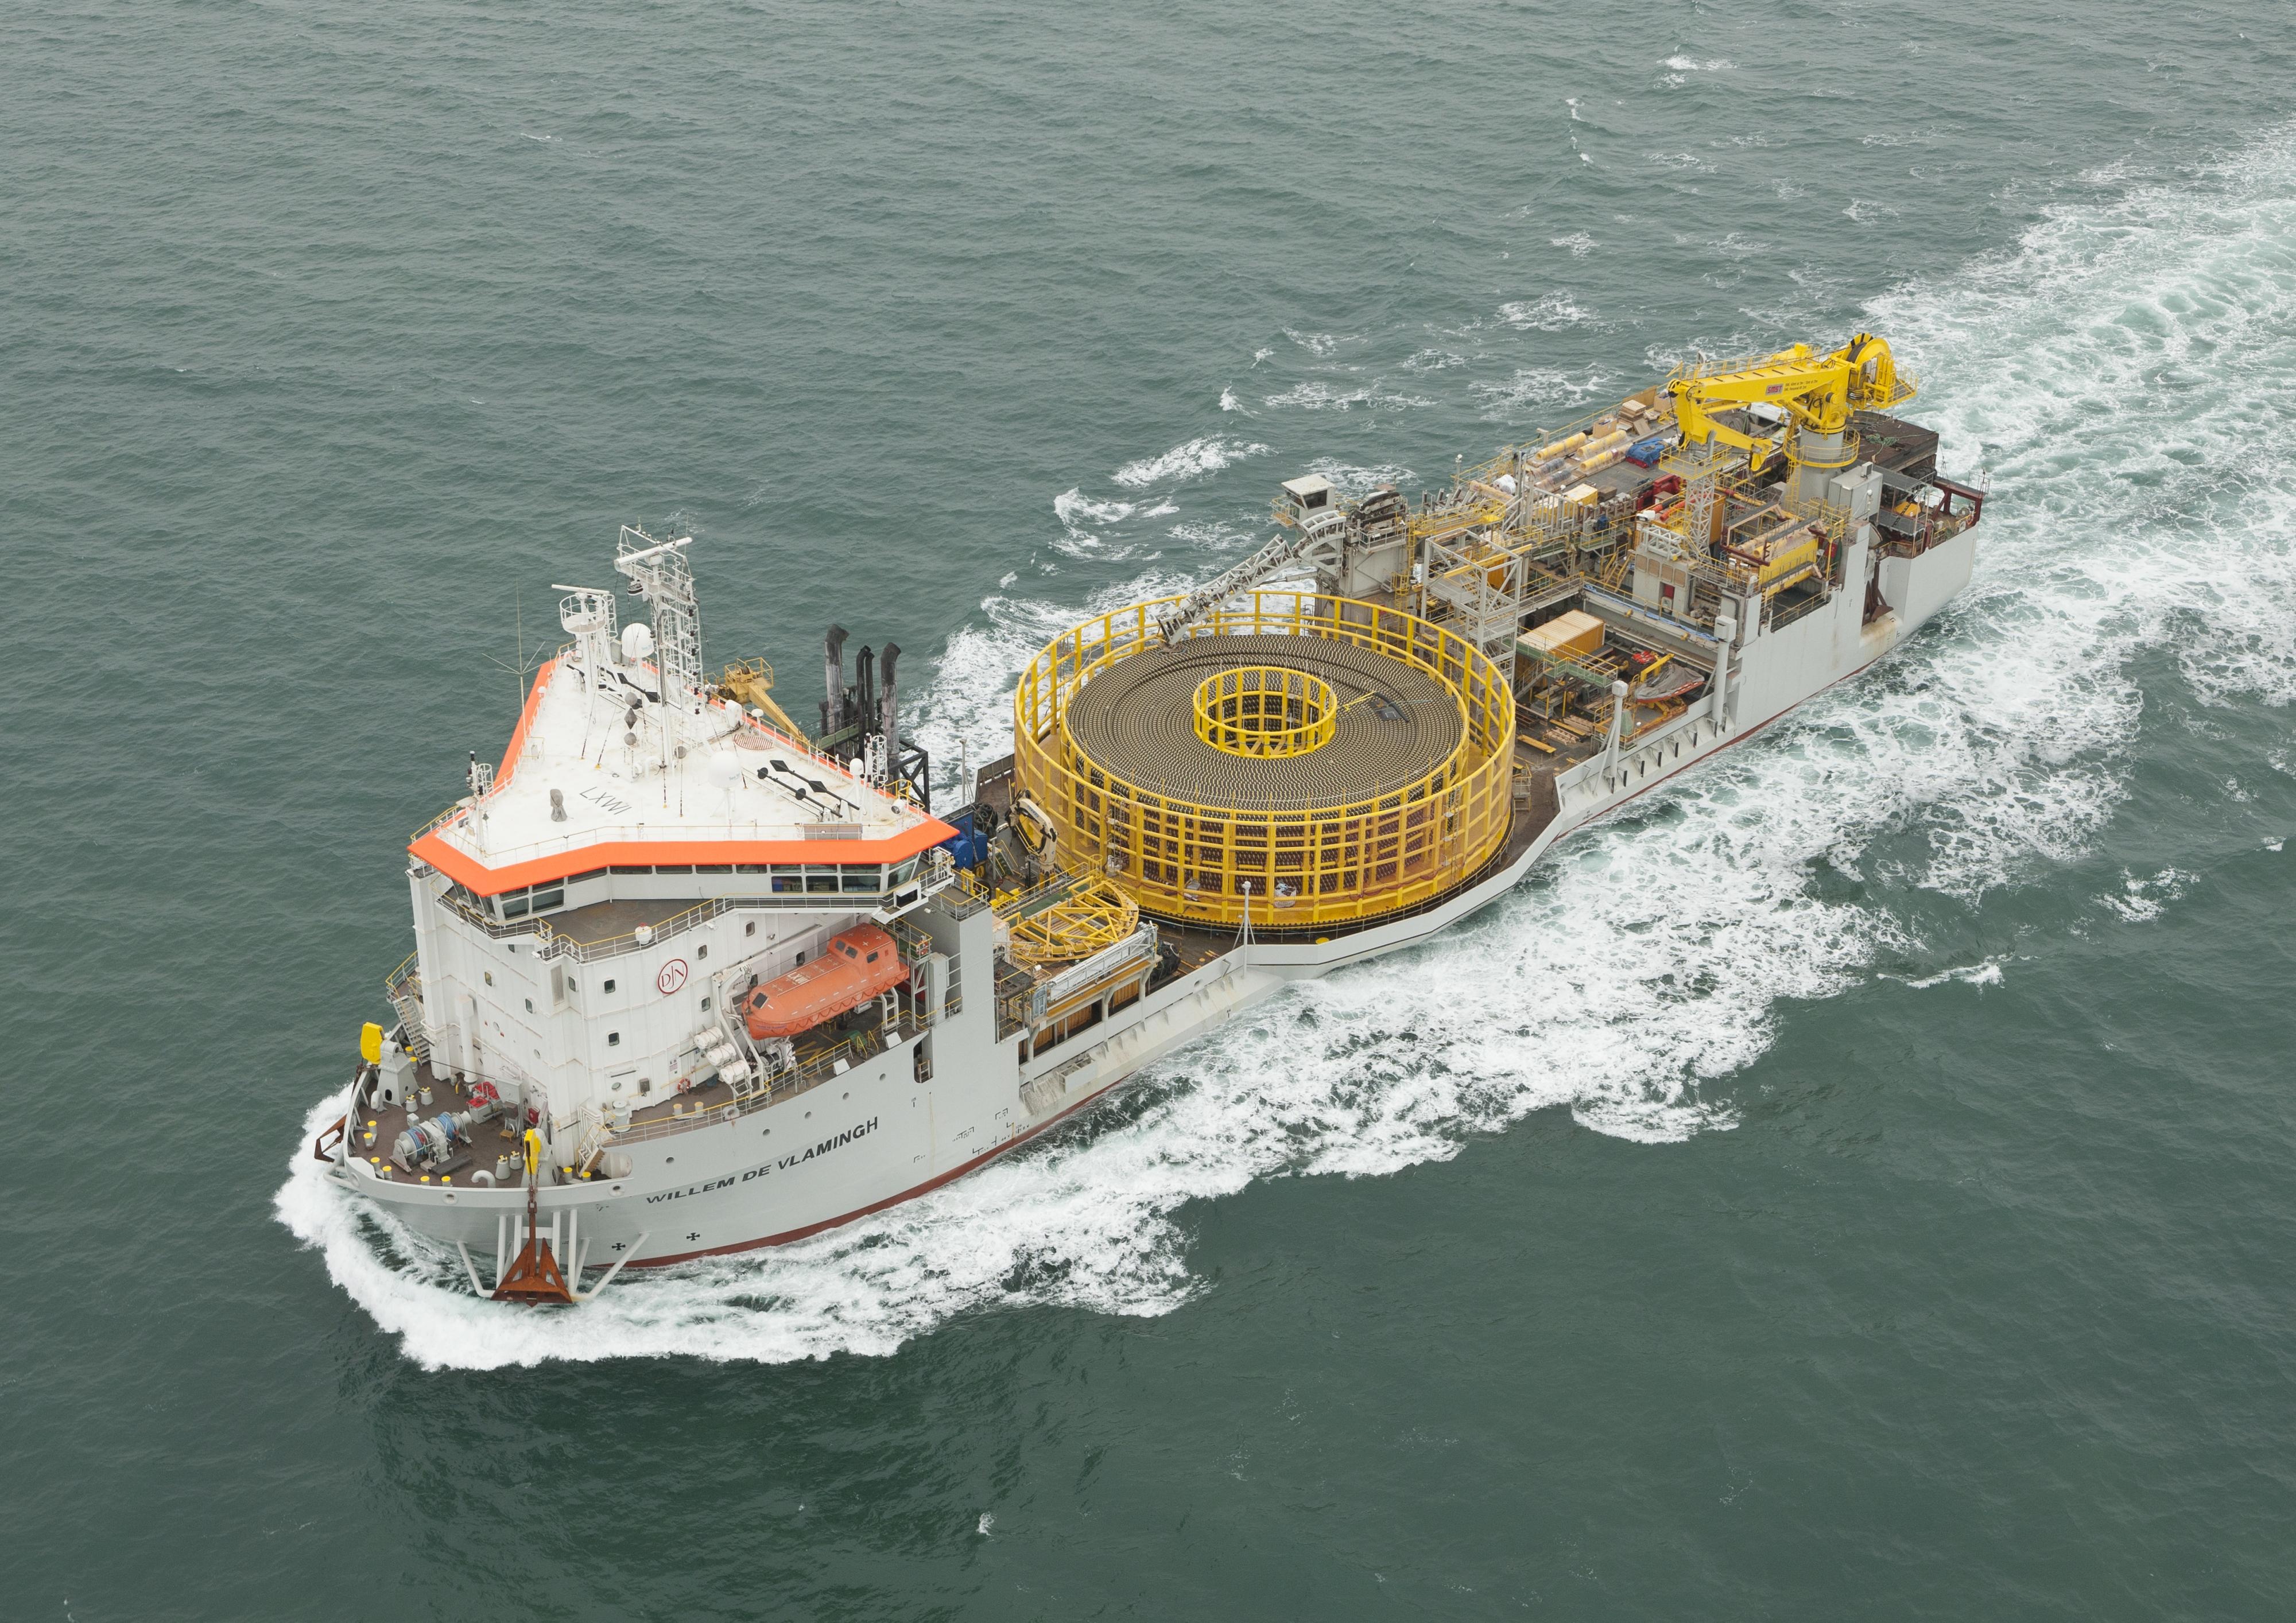 Willem de Vlamingh is een multipurpose schip van Jan de Nul Group.